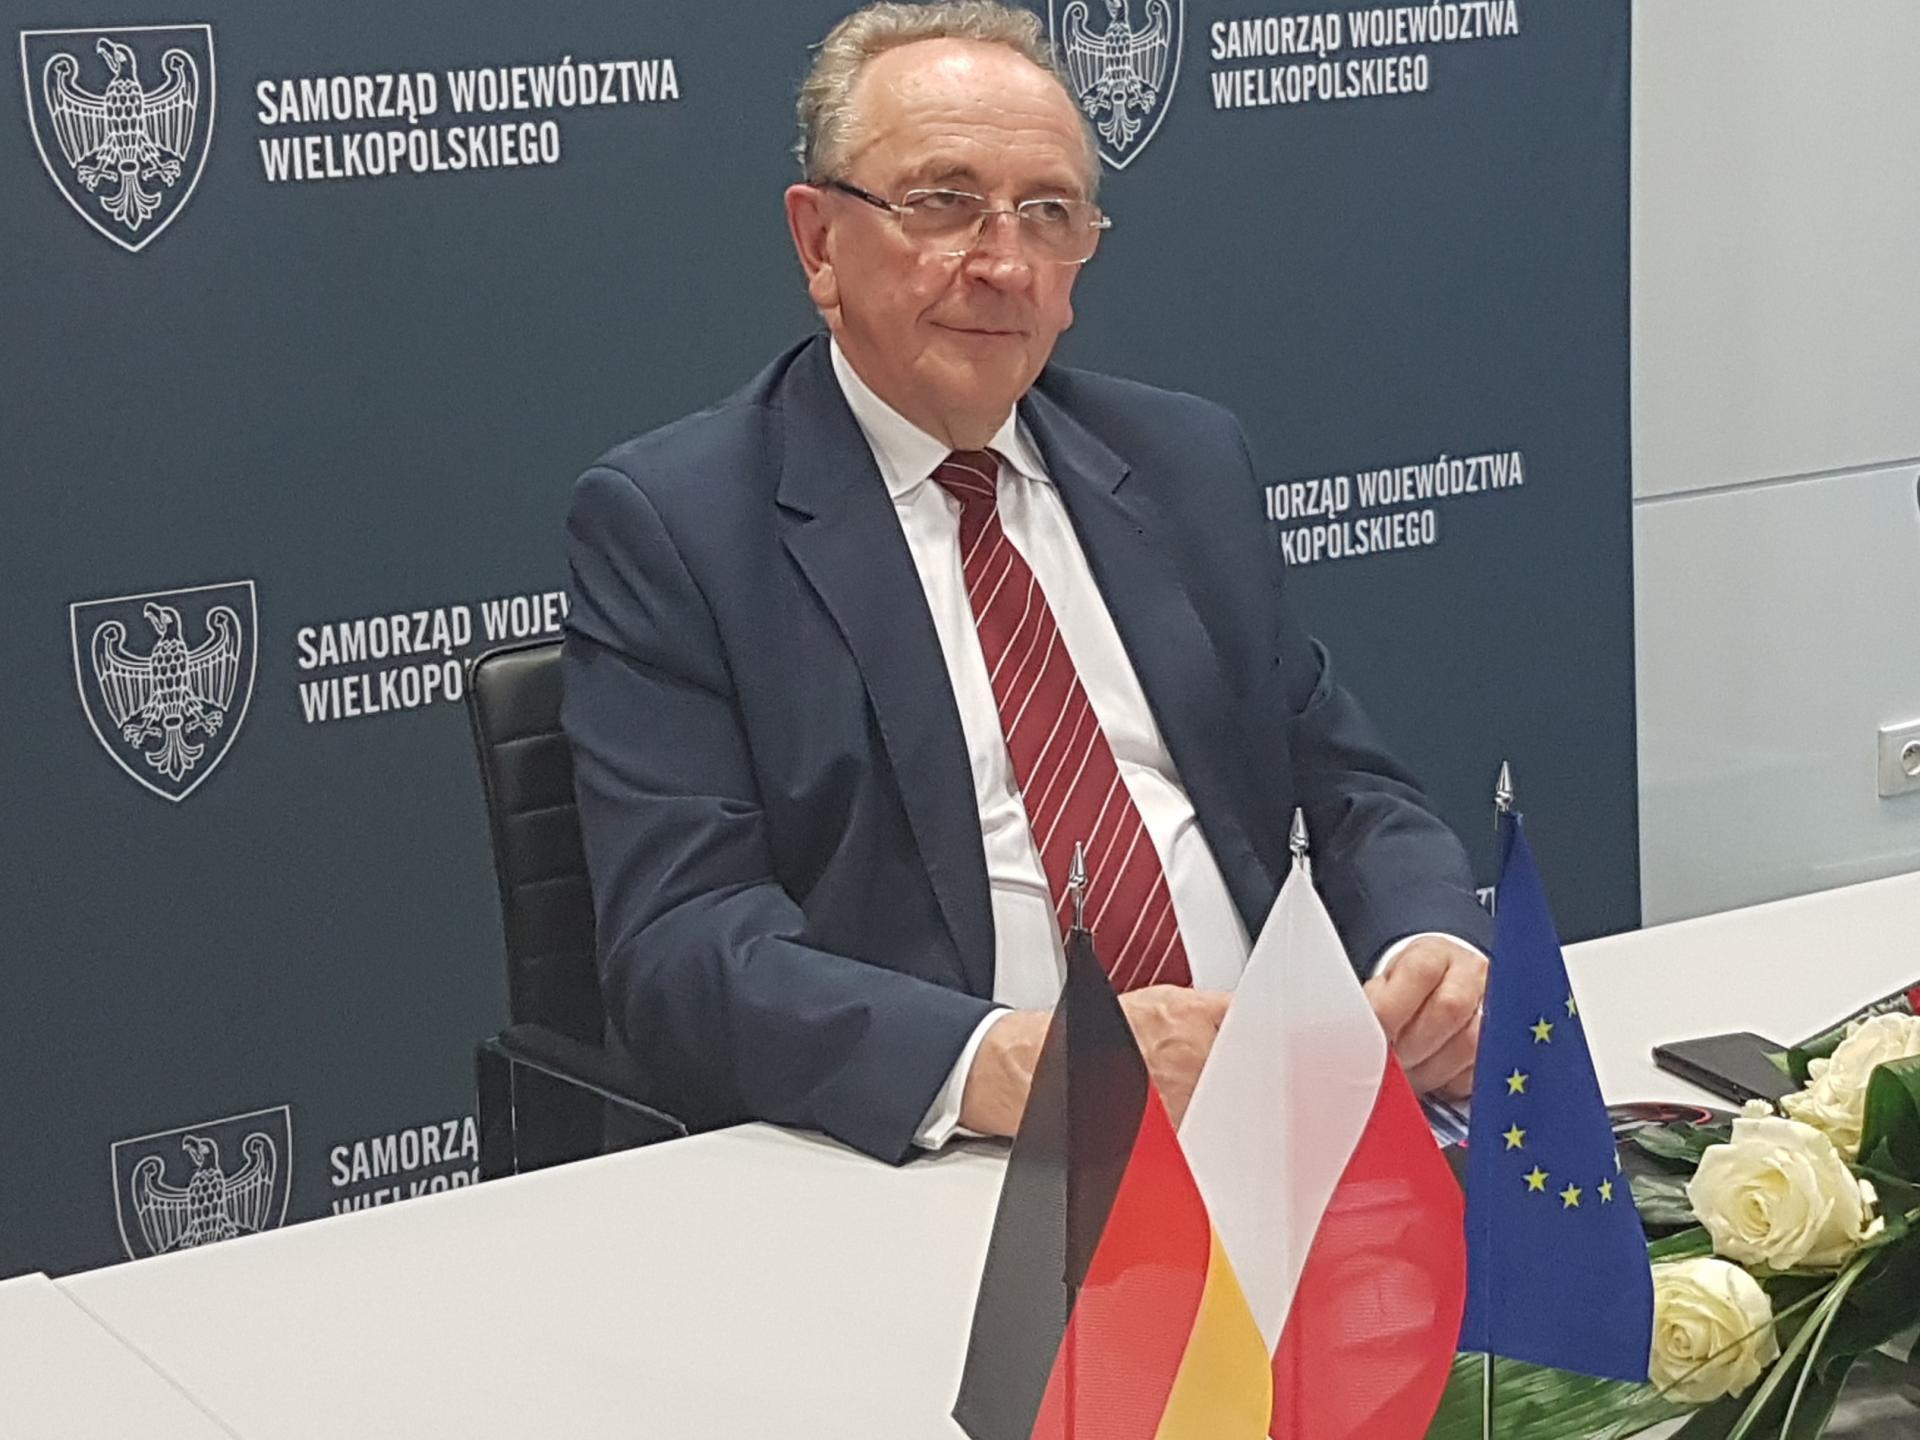 30-lecie Traktatu polsko-niemieckiego w kręgu współpracy z Brandenburgią - zobacz więcej